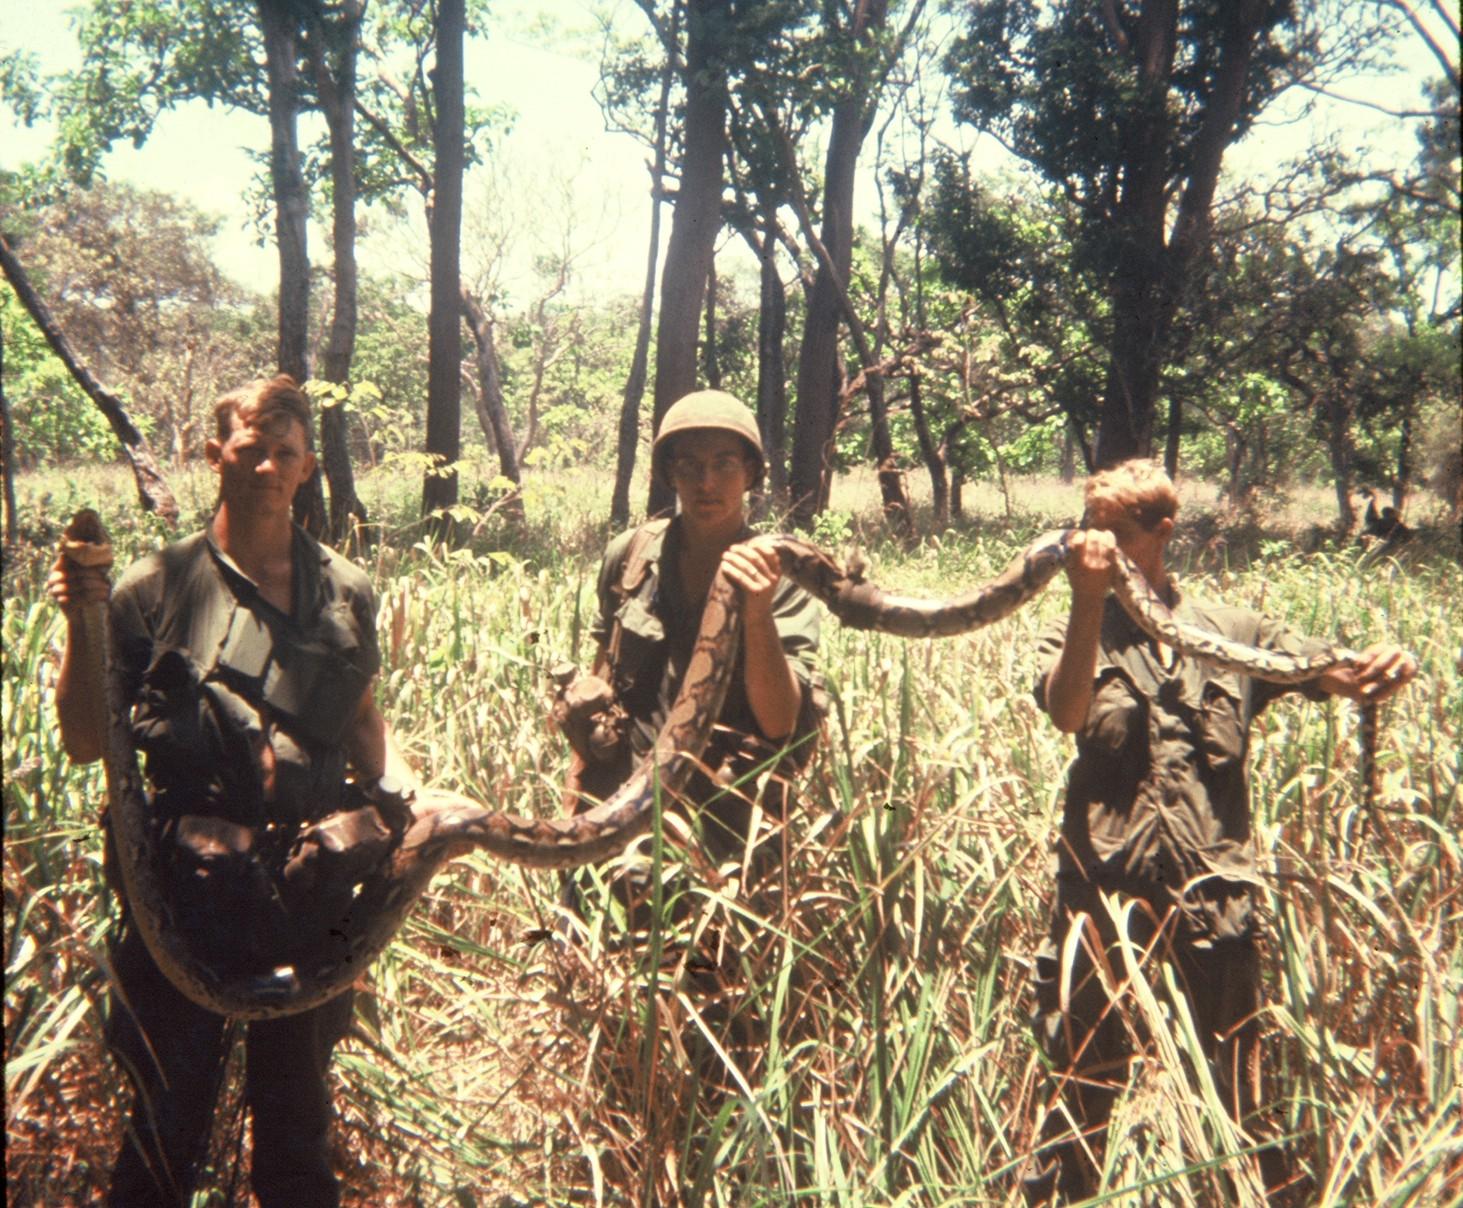 Vietnam War Snakes 3